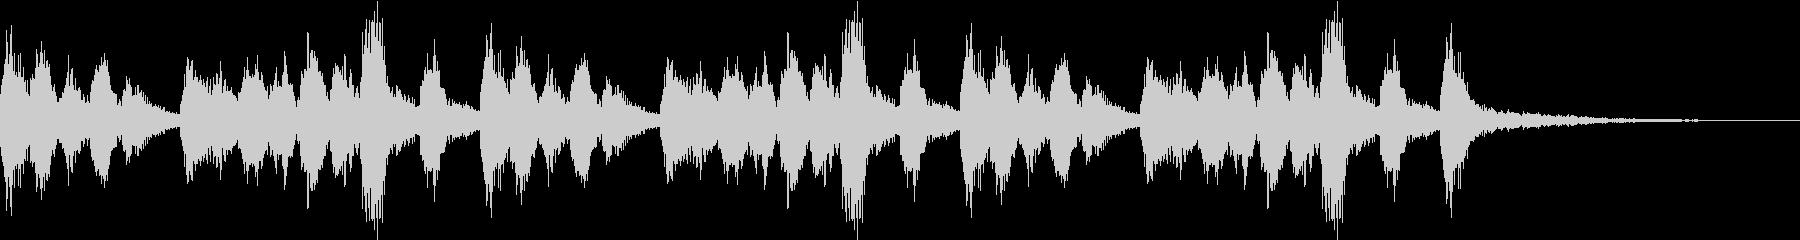 弦楽ピッツィカートとグロッケンのジングルの未再生の波形